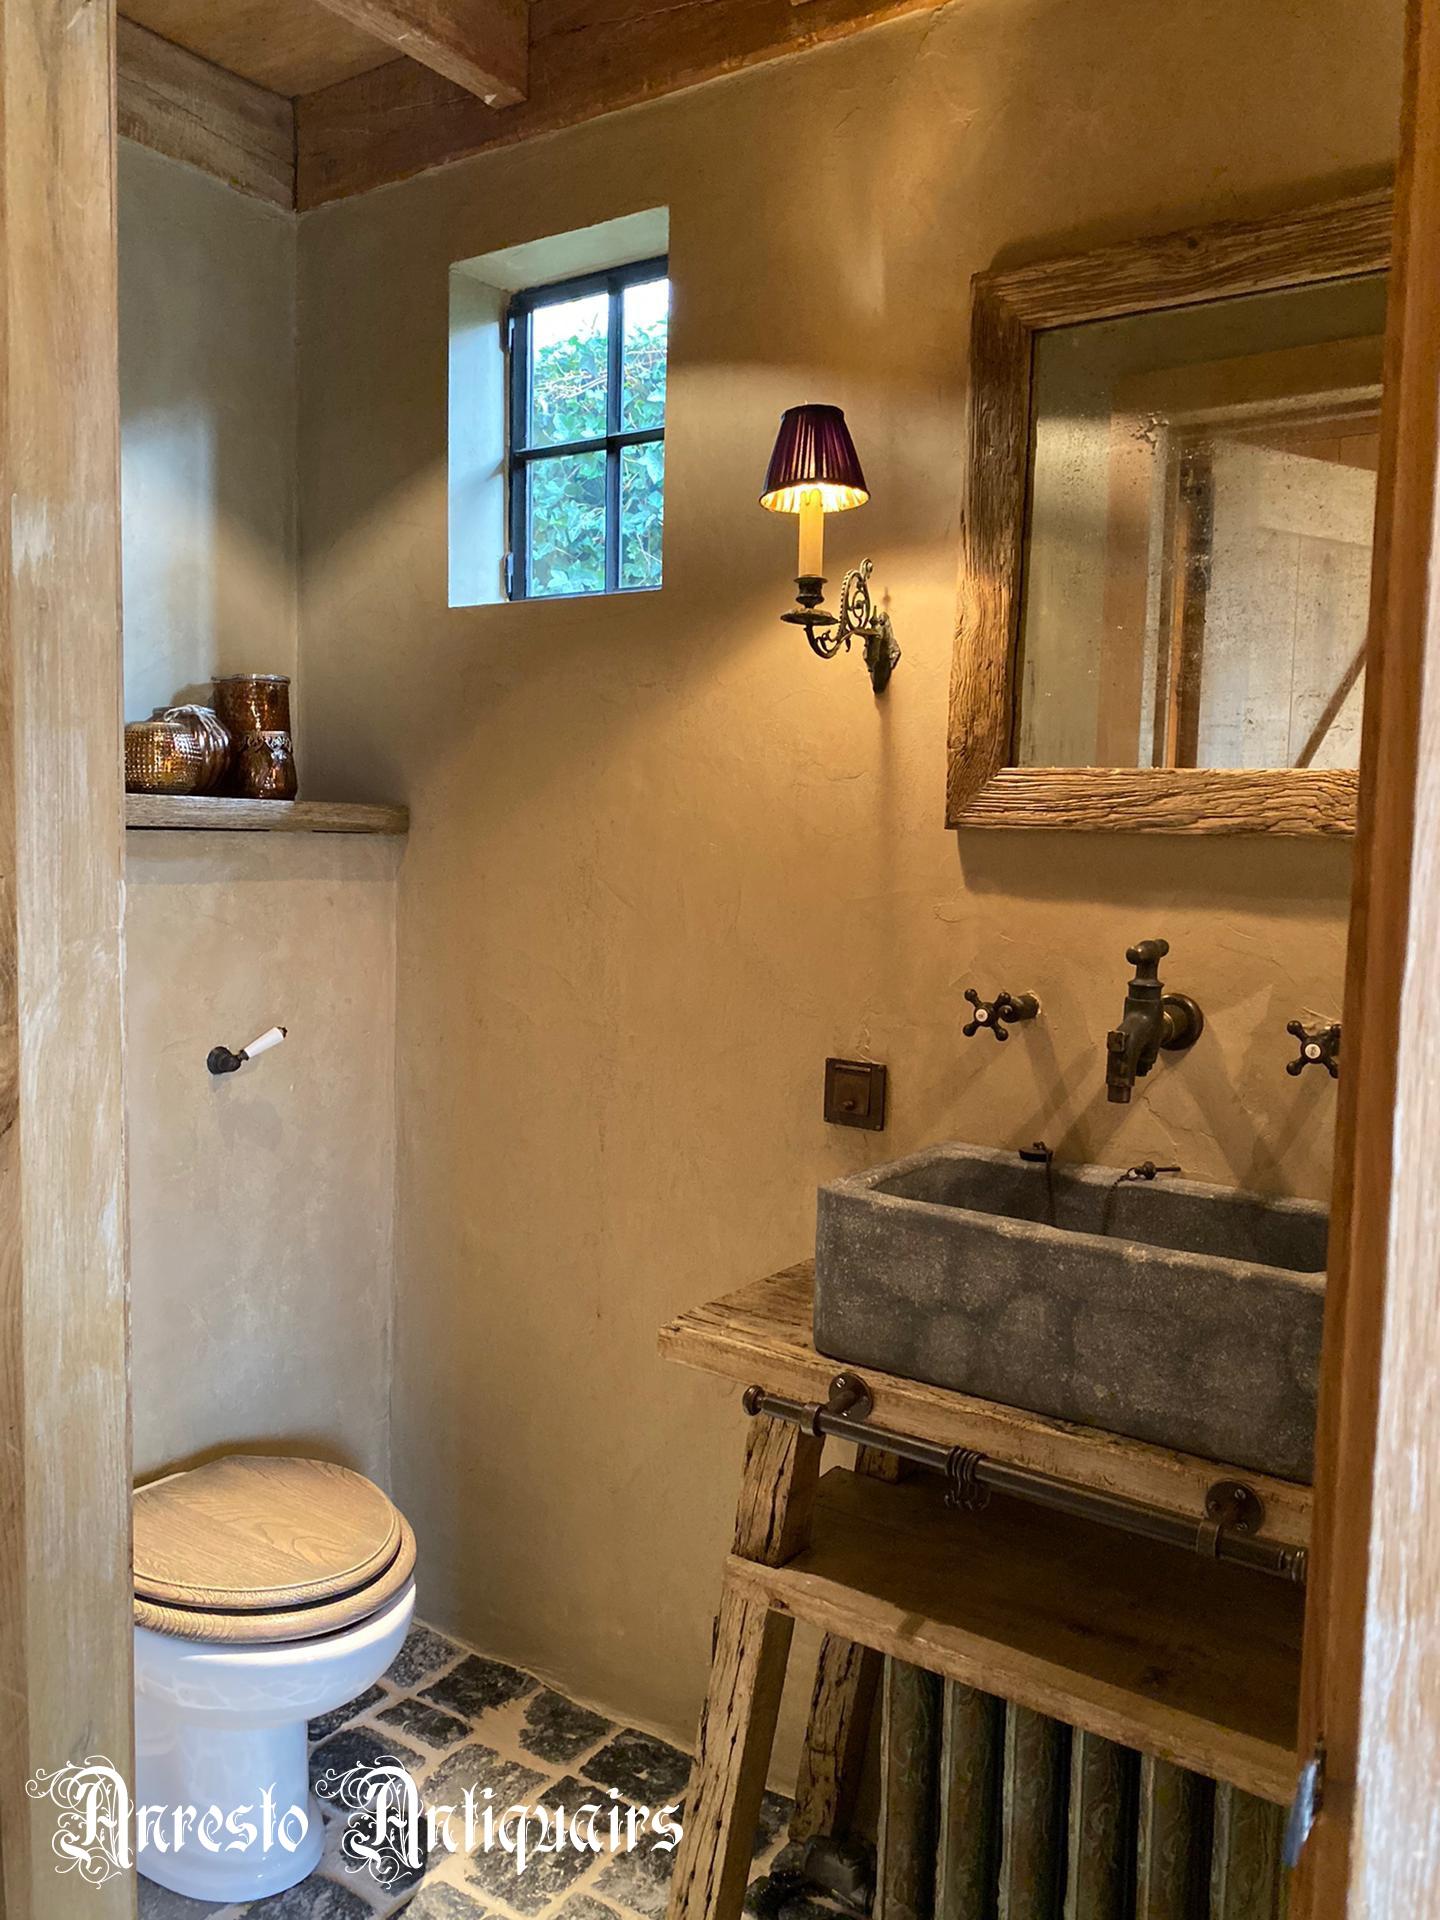 Ref. 79 – Exclusief badkamer ontwerp, exclusief toilet ontwerp